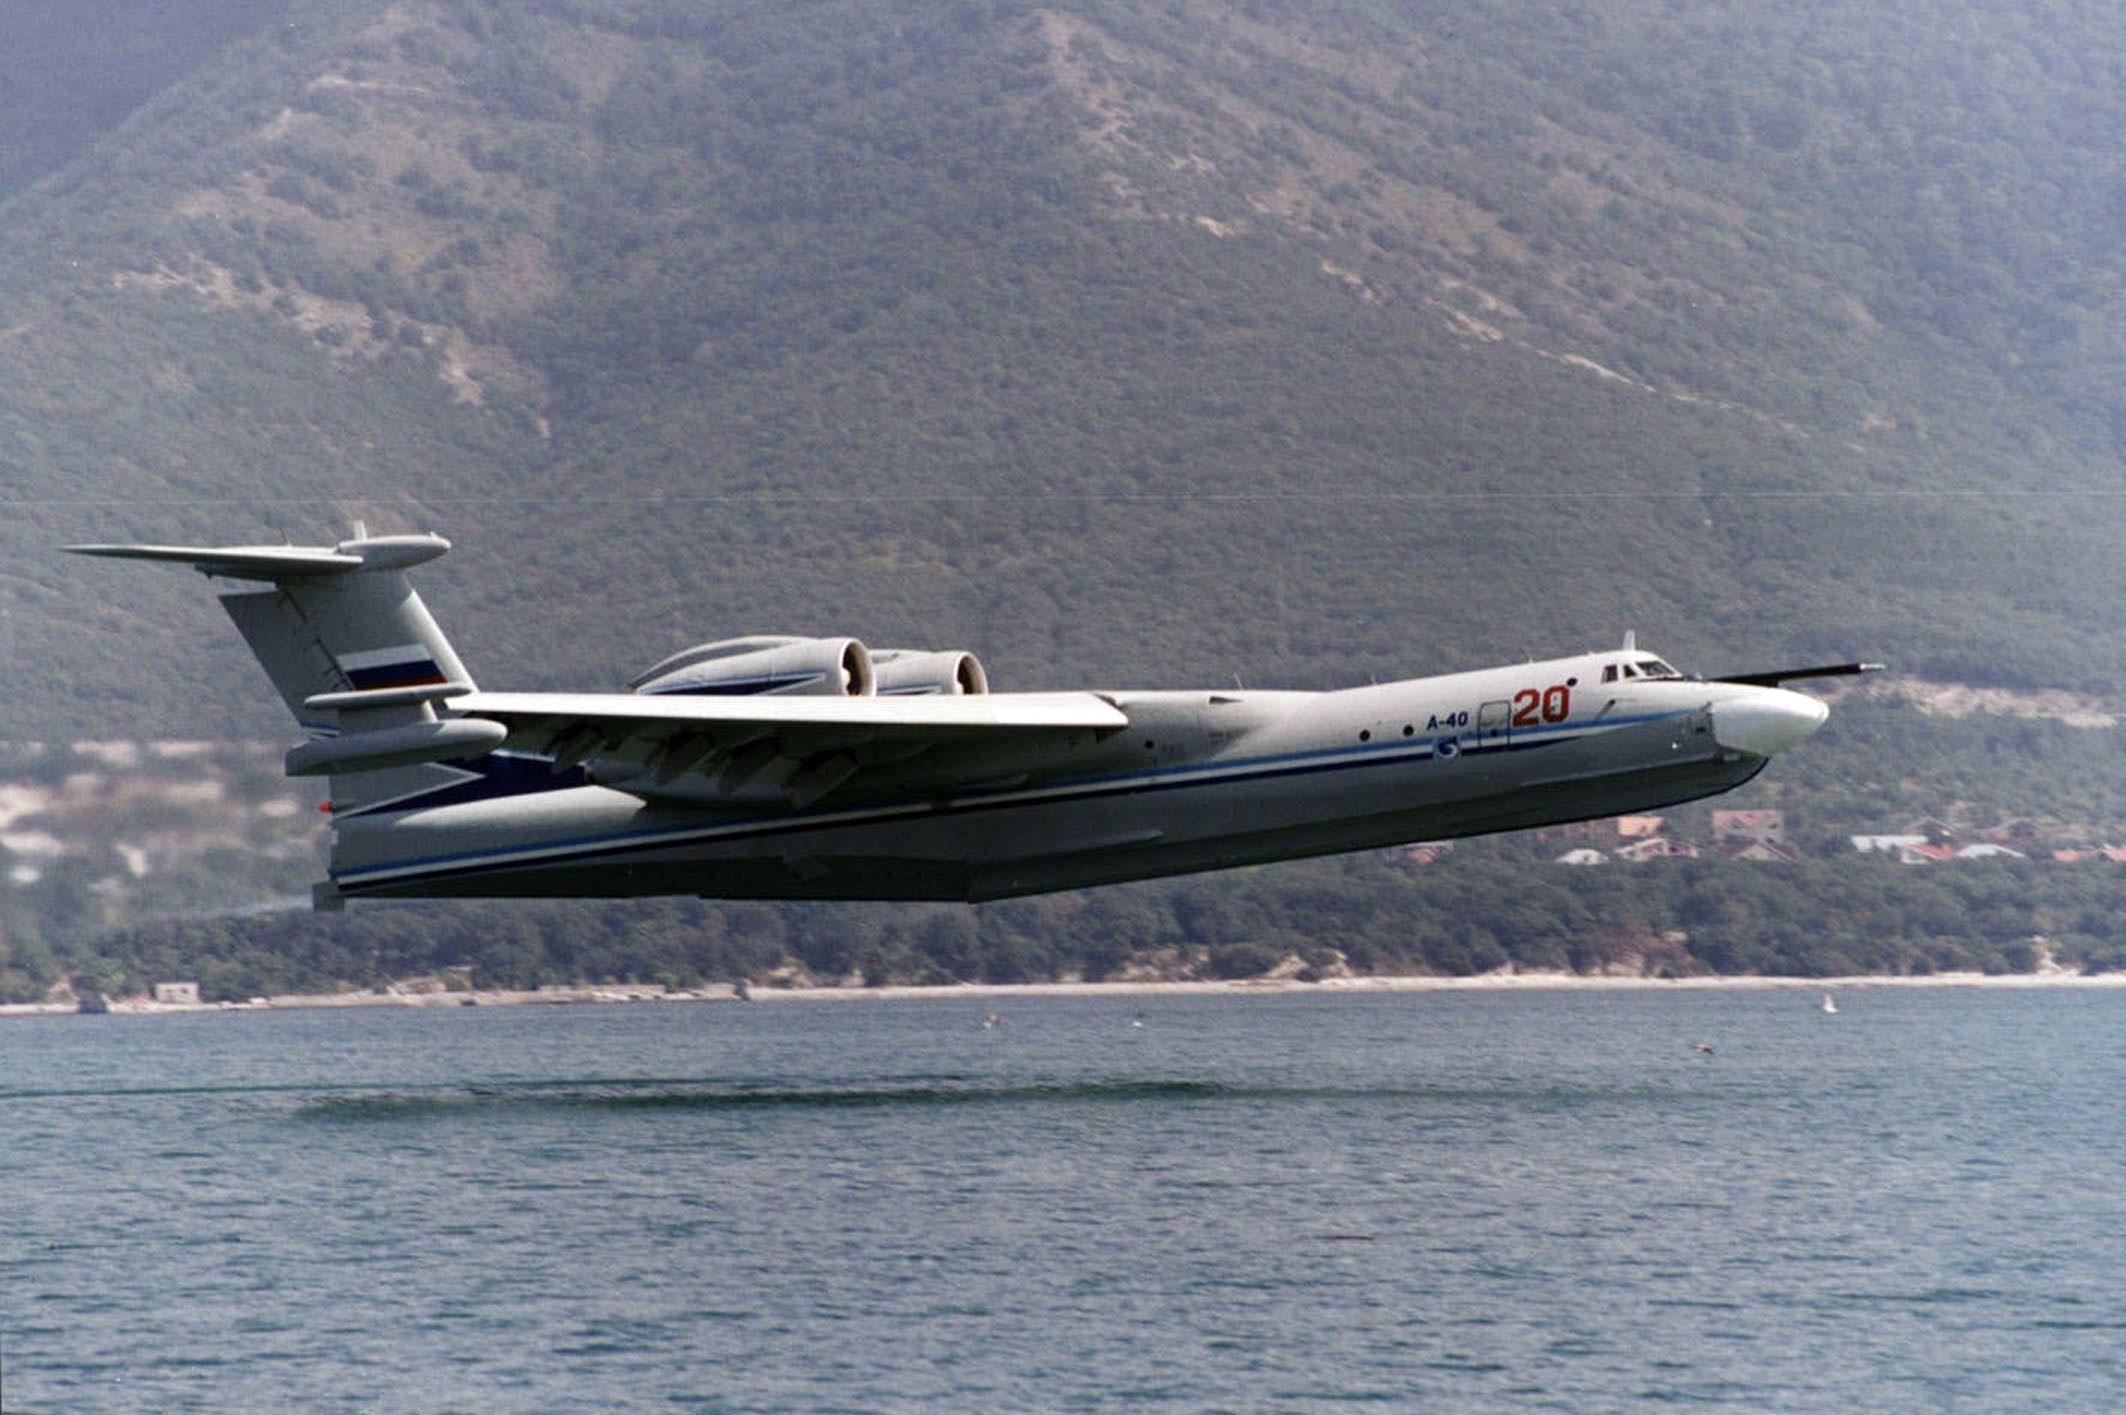 Советский самолёт-амфибия А40 Альбатрос на посадке на воду